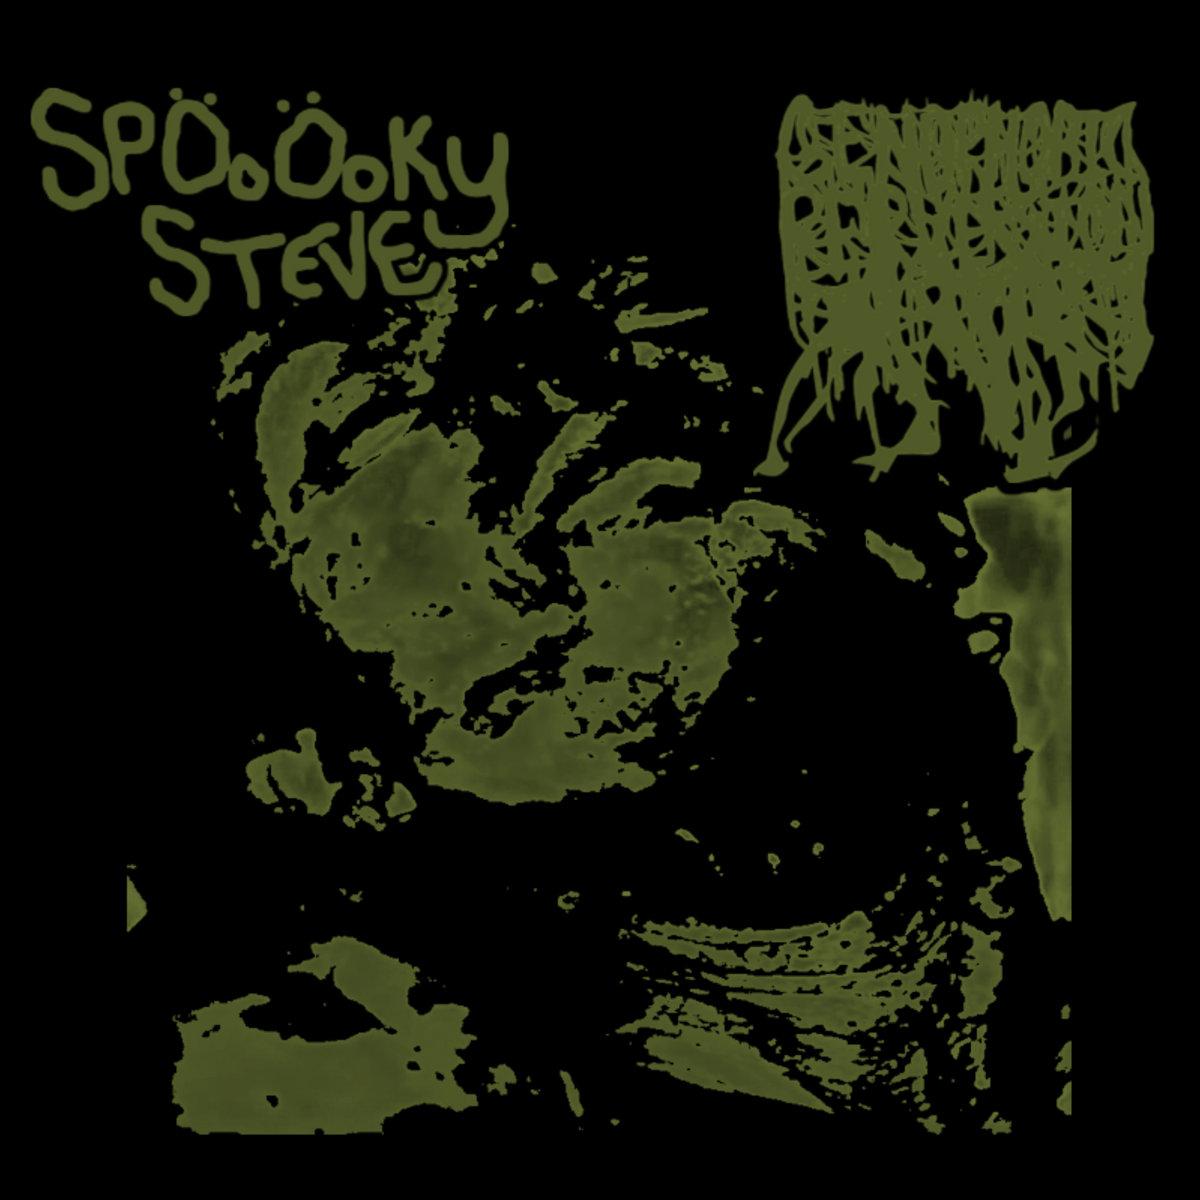 GENOPHOBIC PERVERSION - SpÖoÖoky Steve x Genophobic Perversion cover